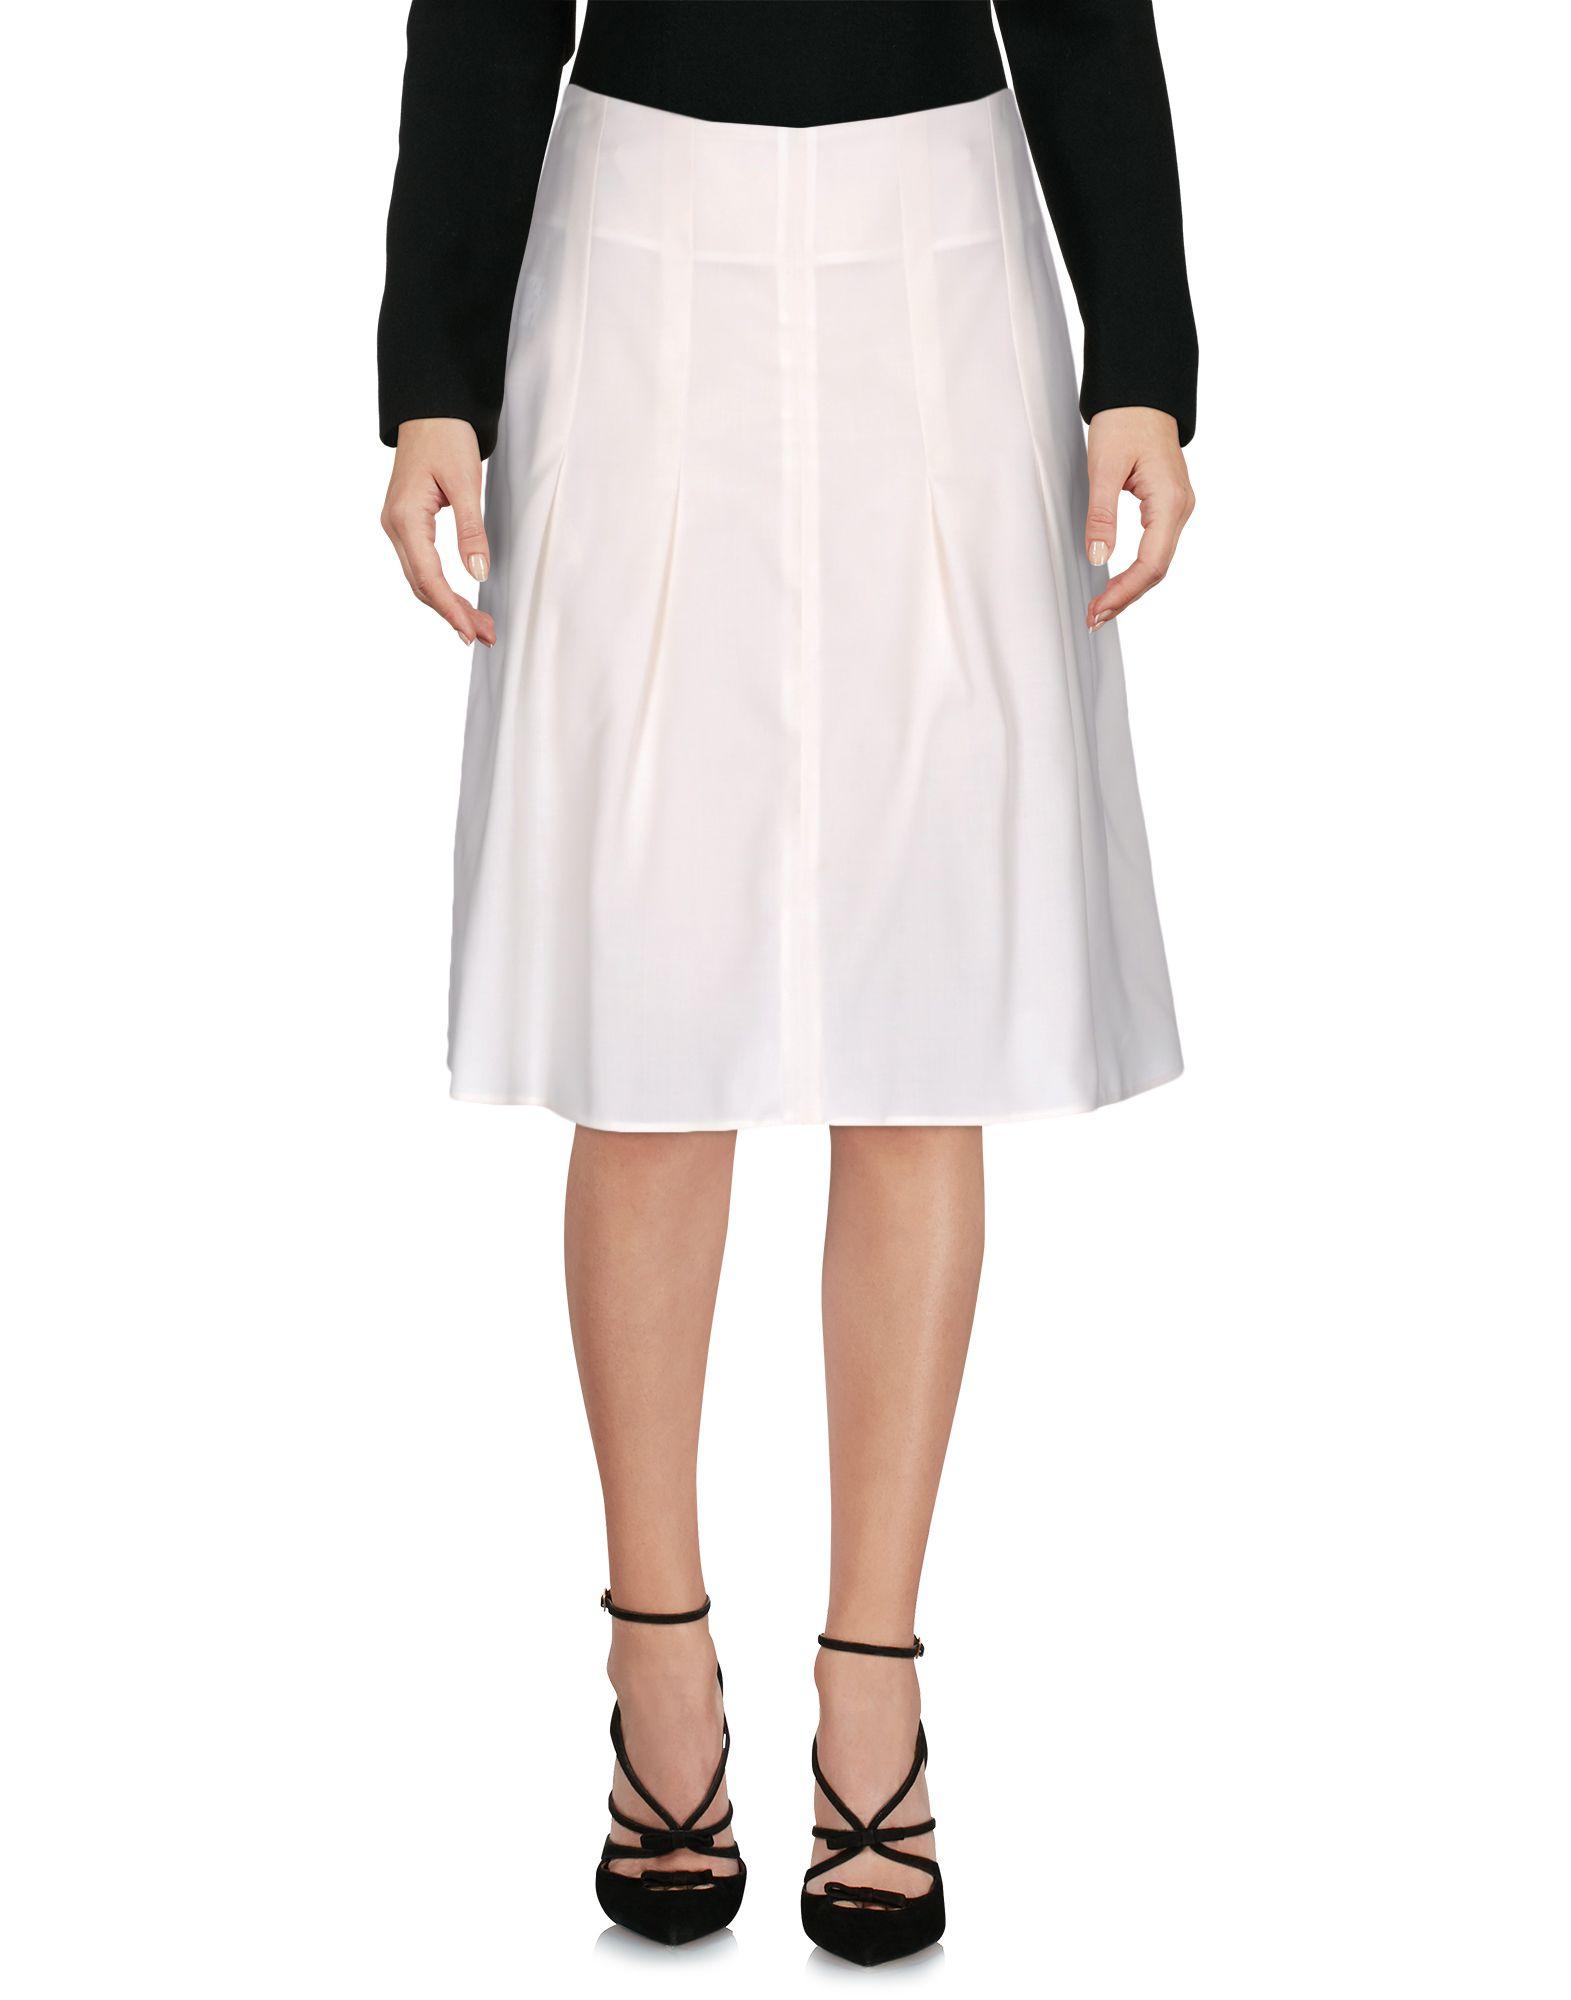 MARNI Damen Knielanger Rock Farbe Weiß Größe 3